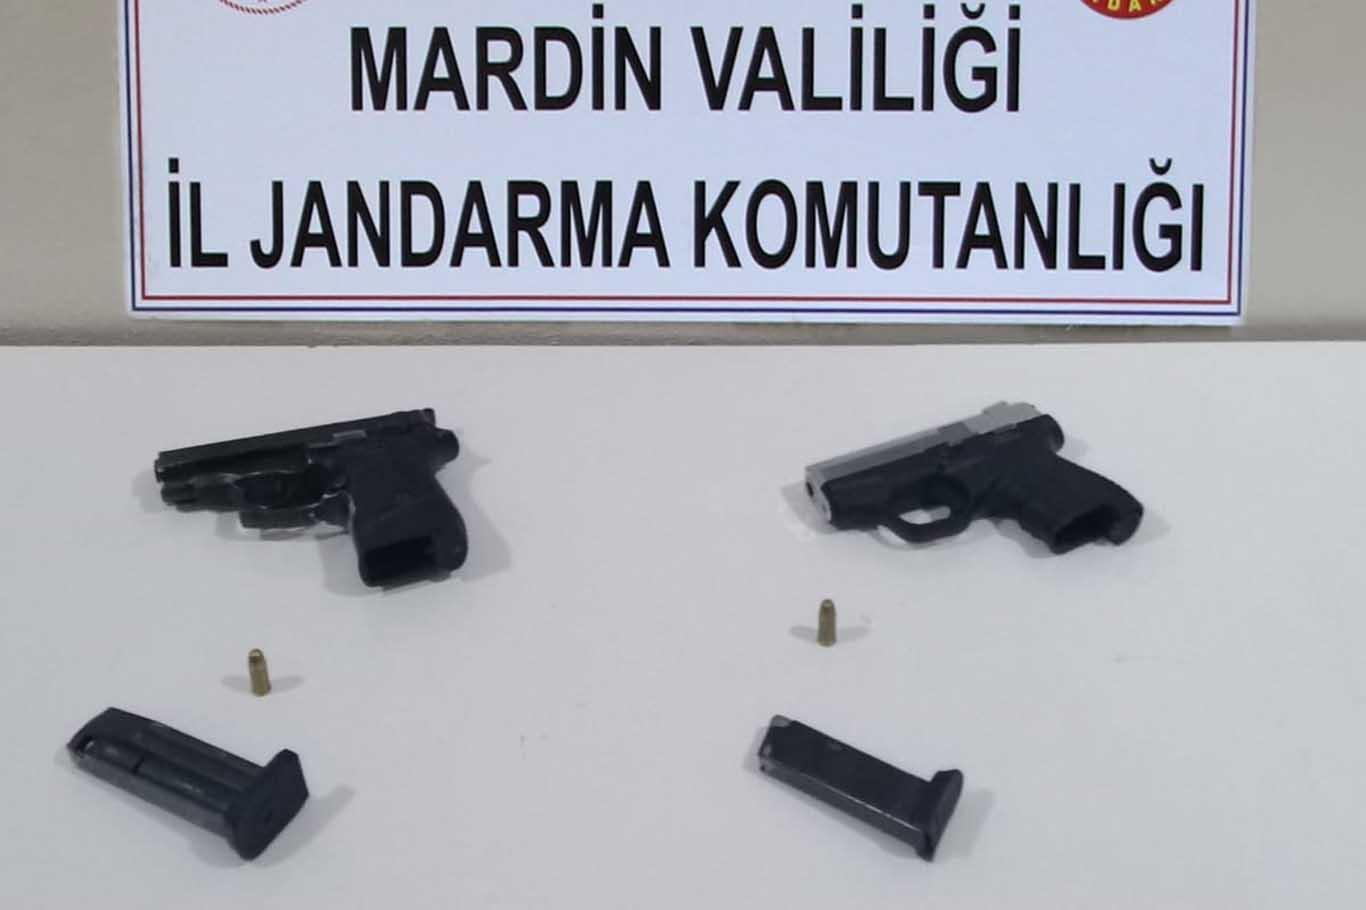 Silah kaçakçısı suçüstü yakalandı